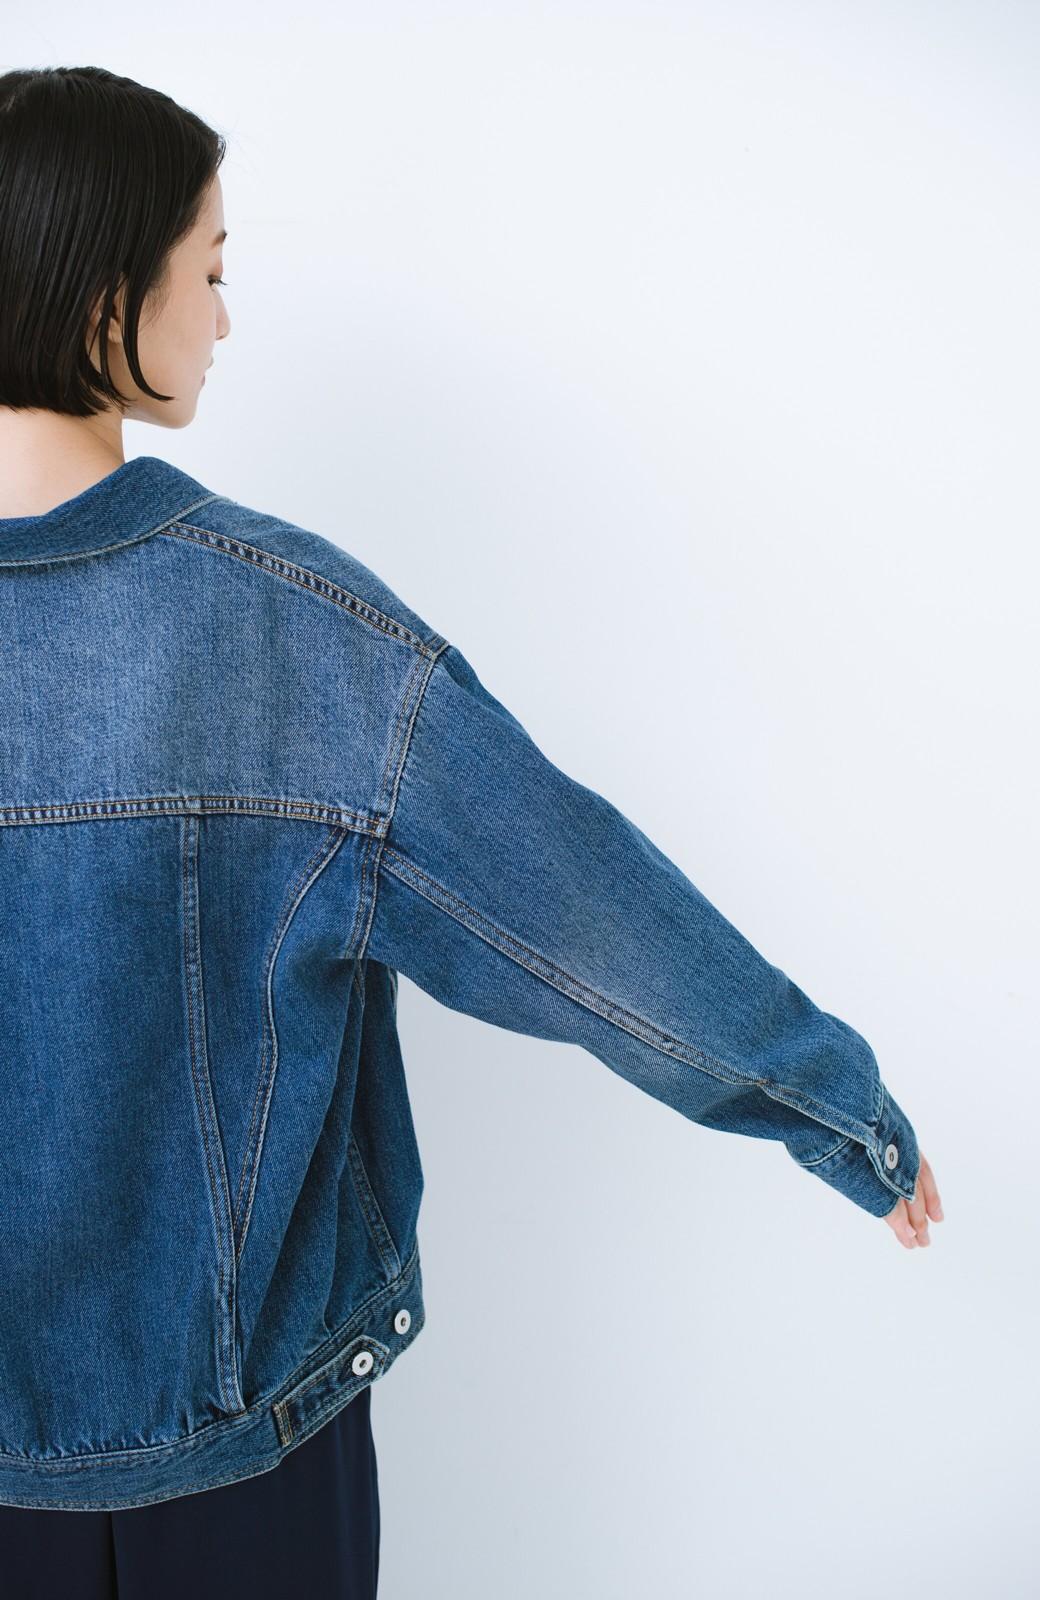 haco! こなれたシルエットがかなうオトナも着やすい大きめGジャン by MAKORI <インディゴブルー>の商品写真25